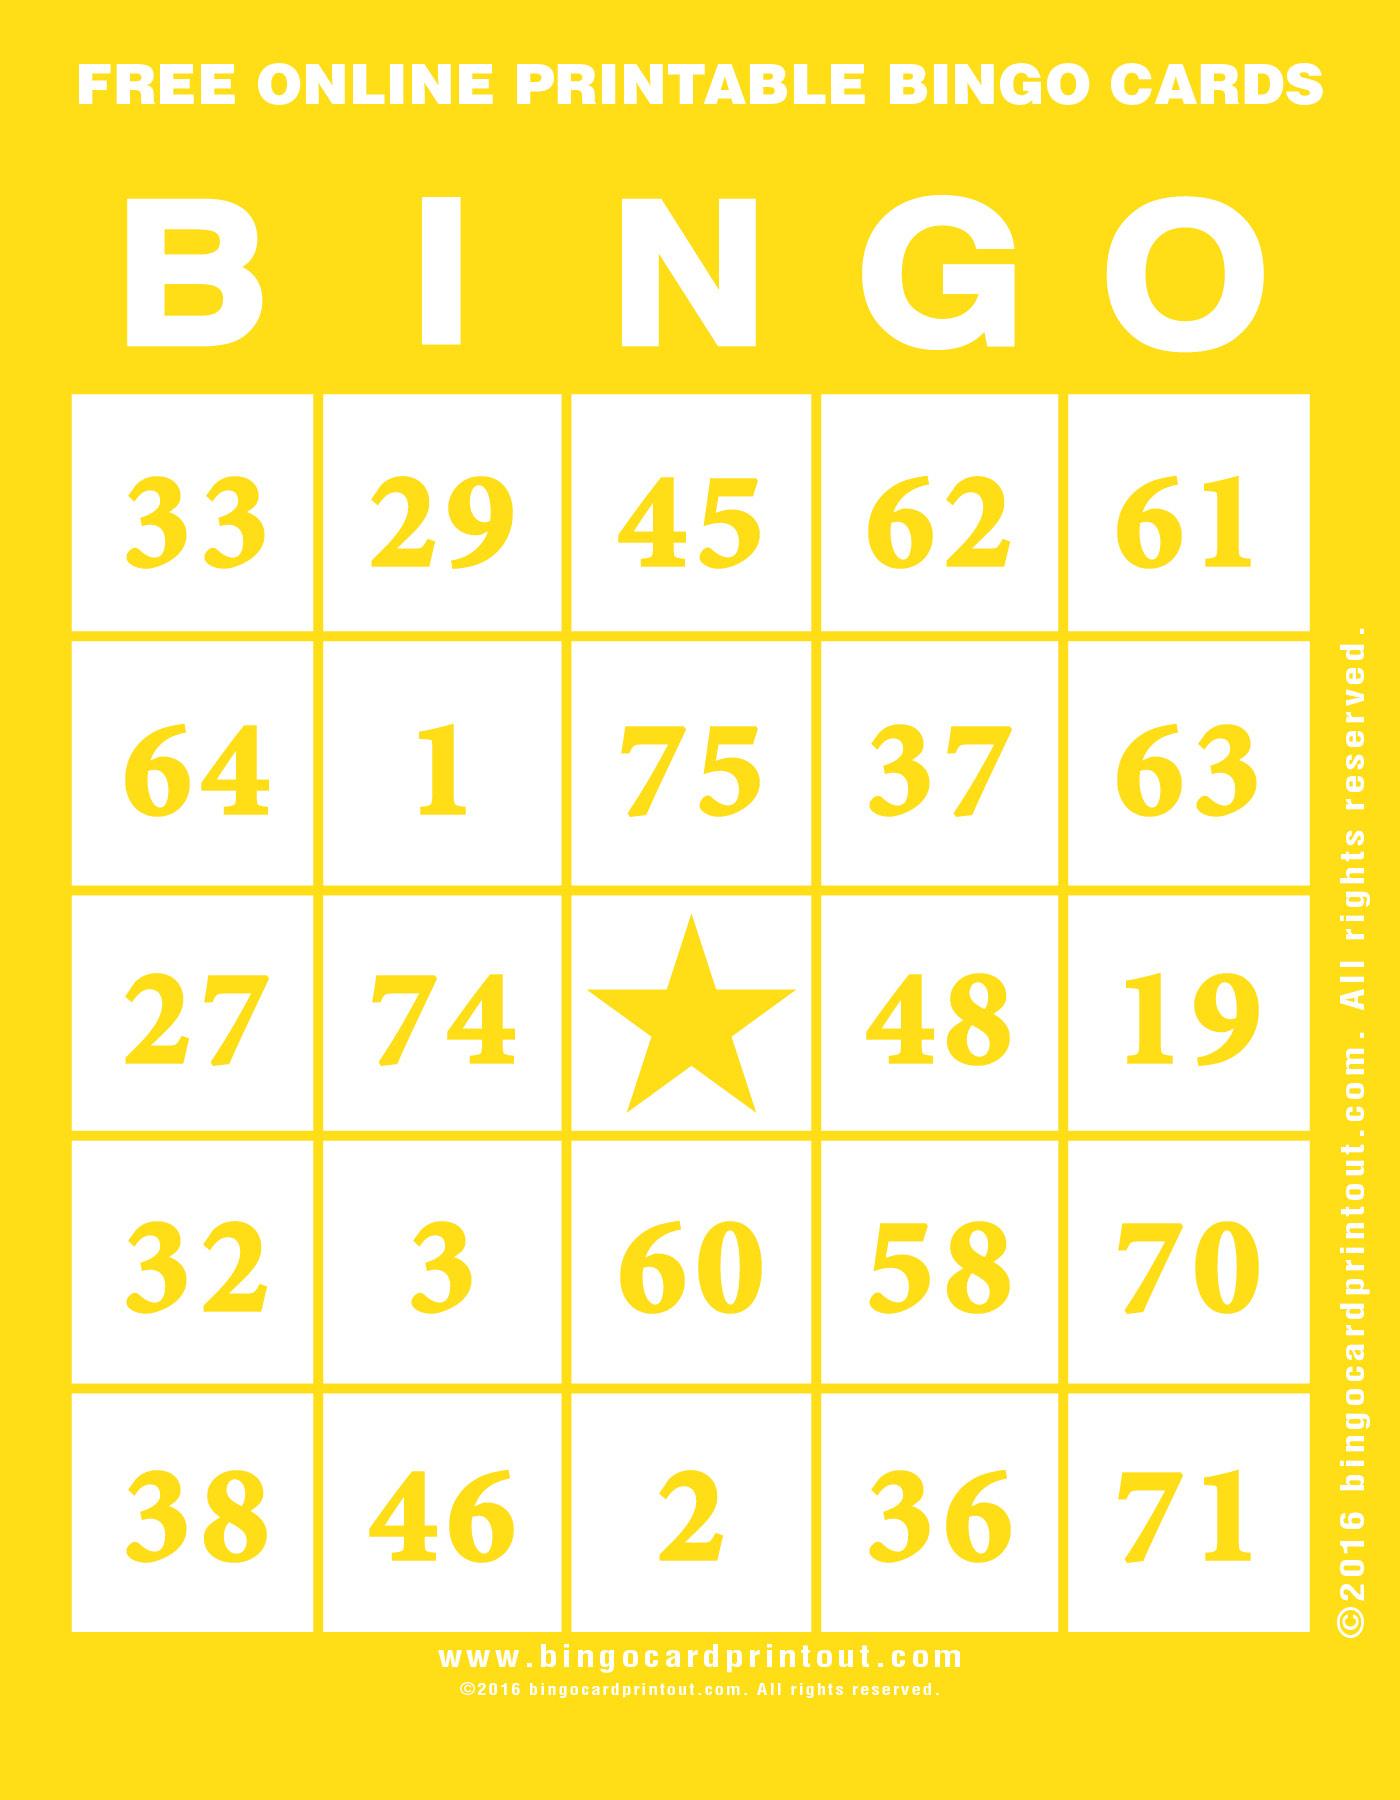 Free Printable Bingo Cards Random Numbers | Download Them Or Print - Free Printable Bingo Cards Random Numbers